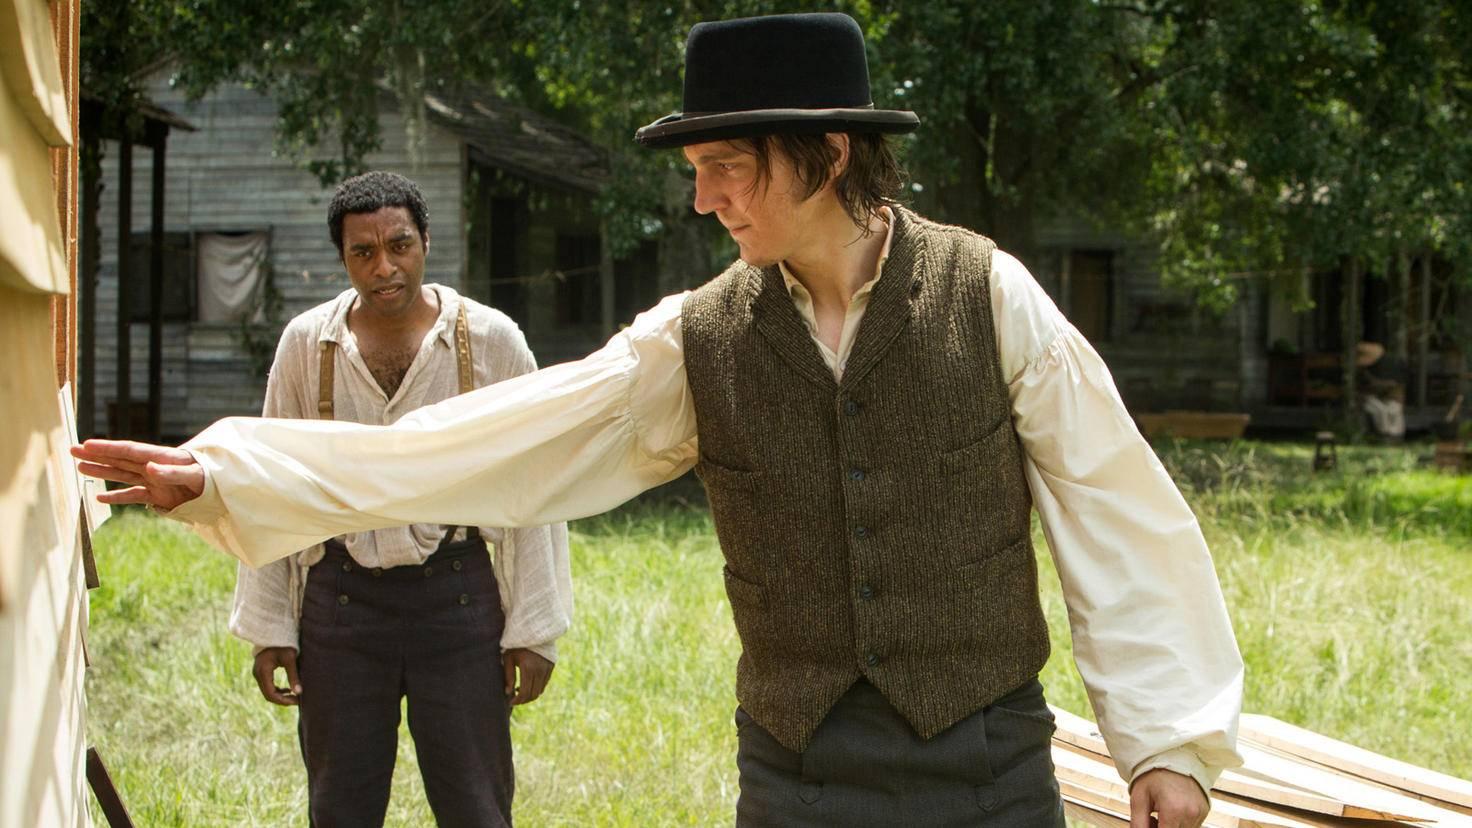 Paul Dano in Twelve Years a Slave